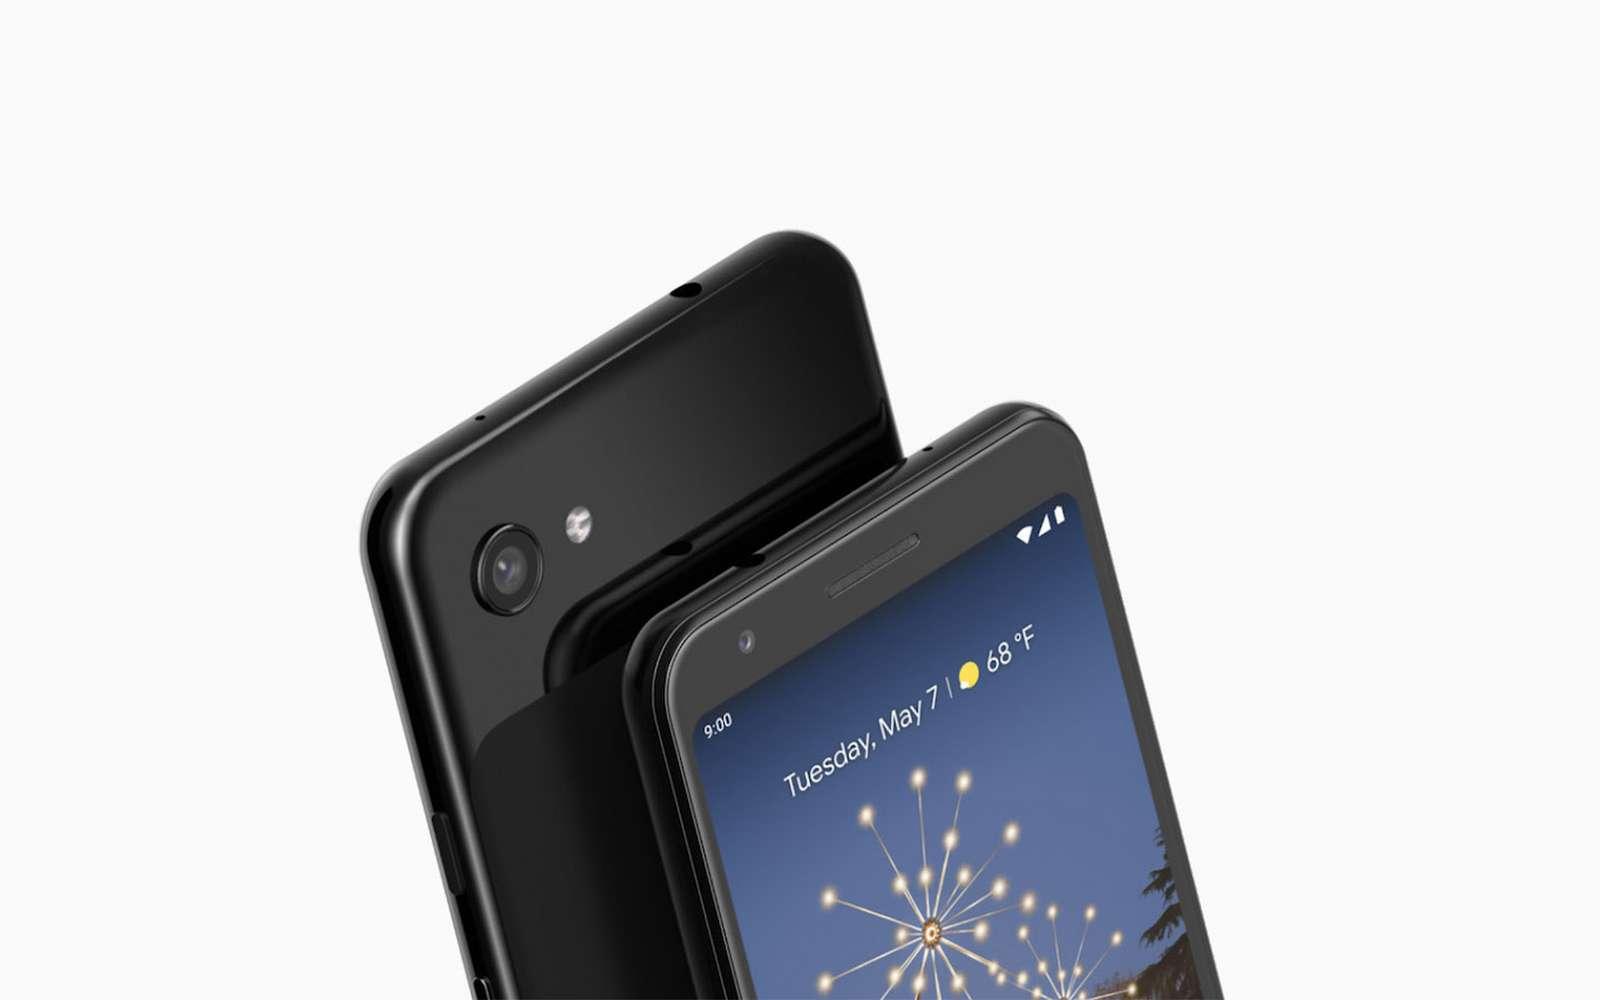 Avec la gamme Pixel, Google effectue un retour fracassant sur le marché des smartphones. Deux points forts : la photo et l'intelligence artificielle. © Google